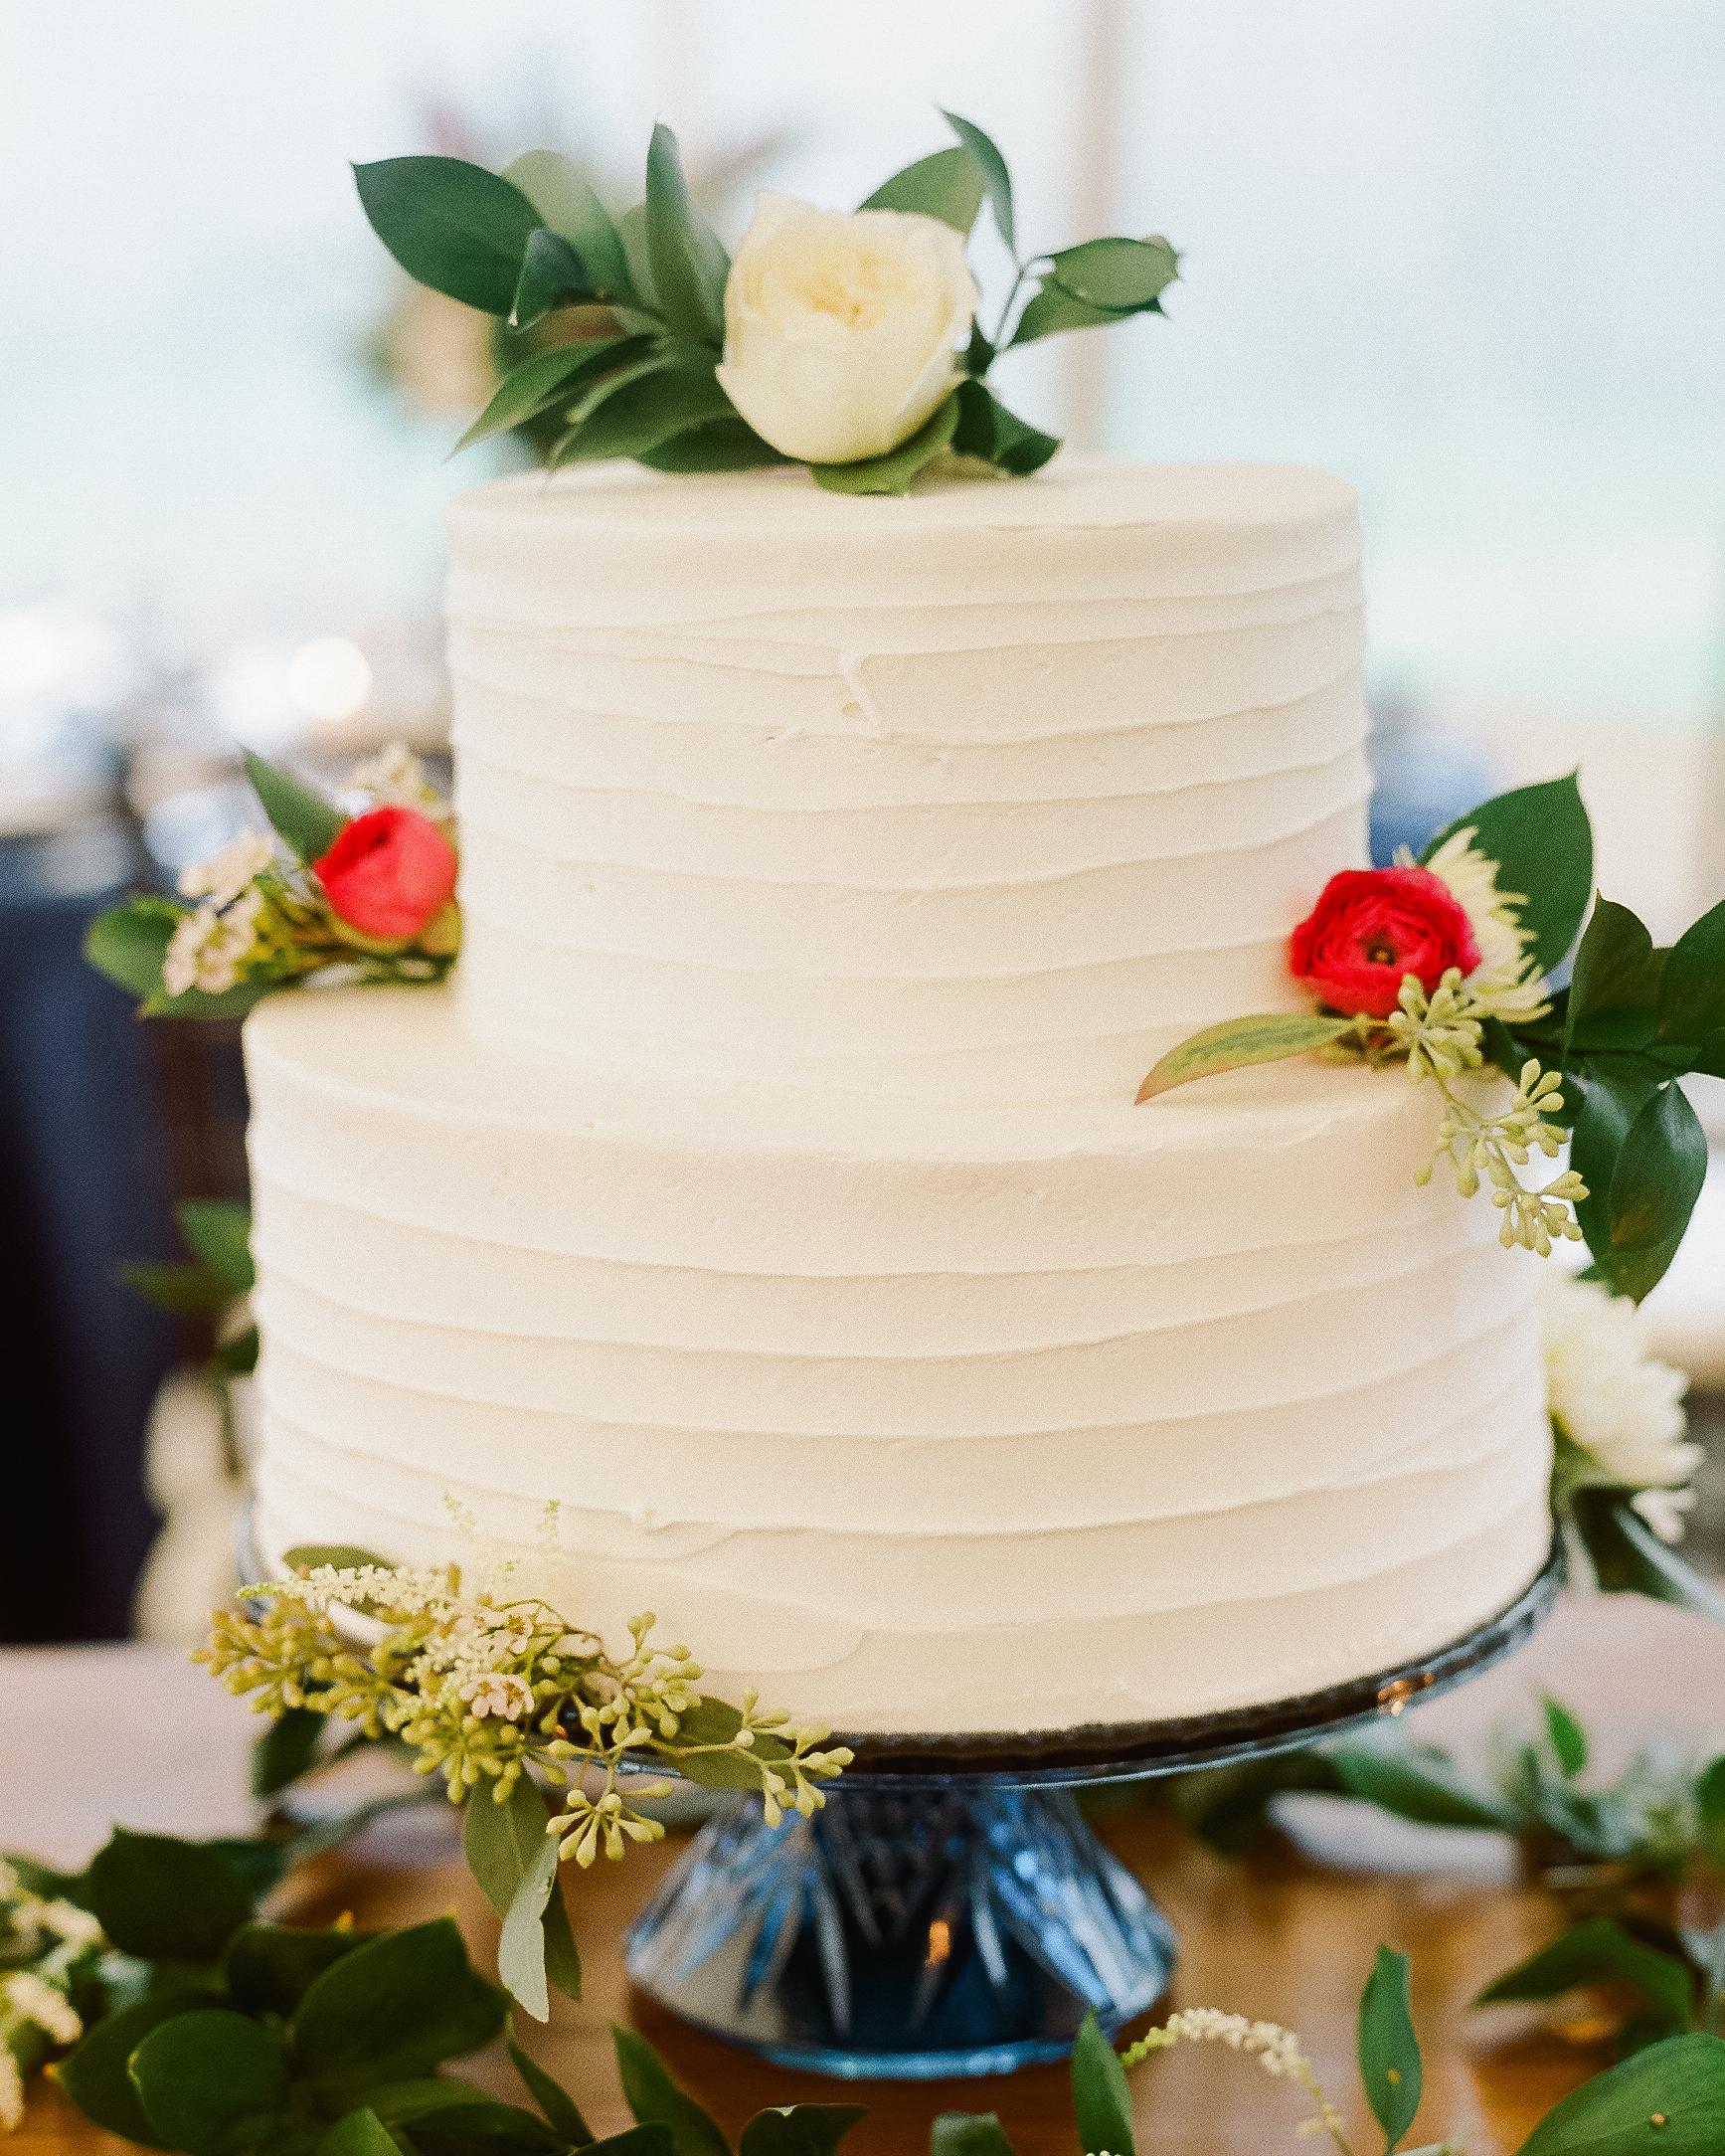 lindsay-garrett-wedding-cake-0739-s111850-0415.jpg